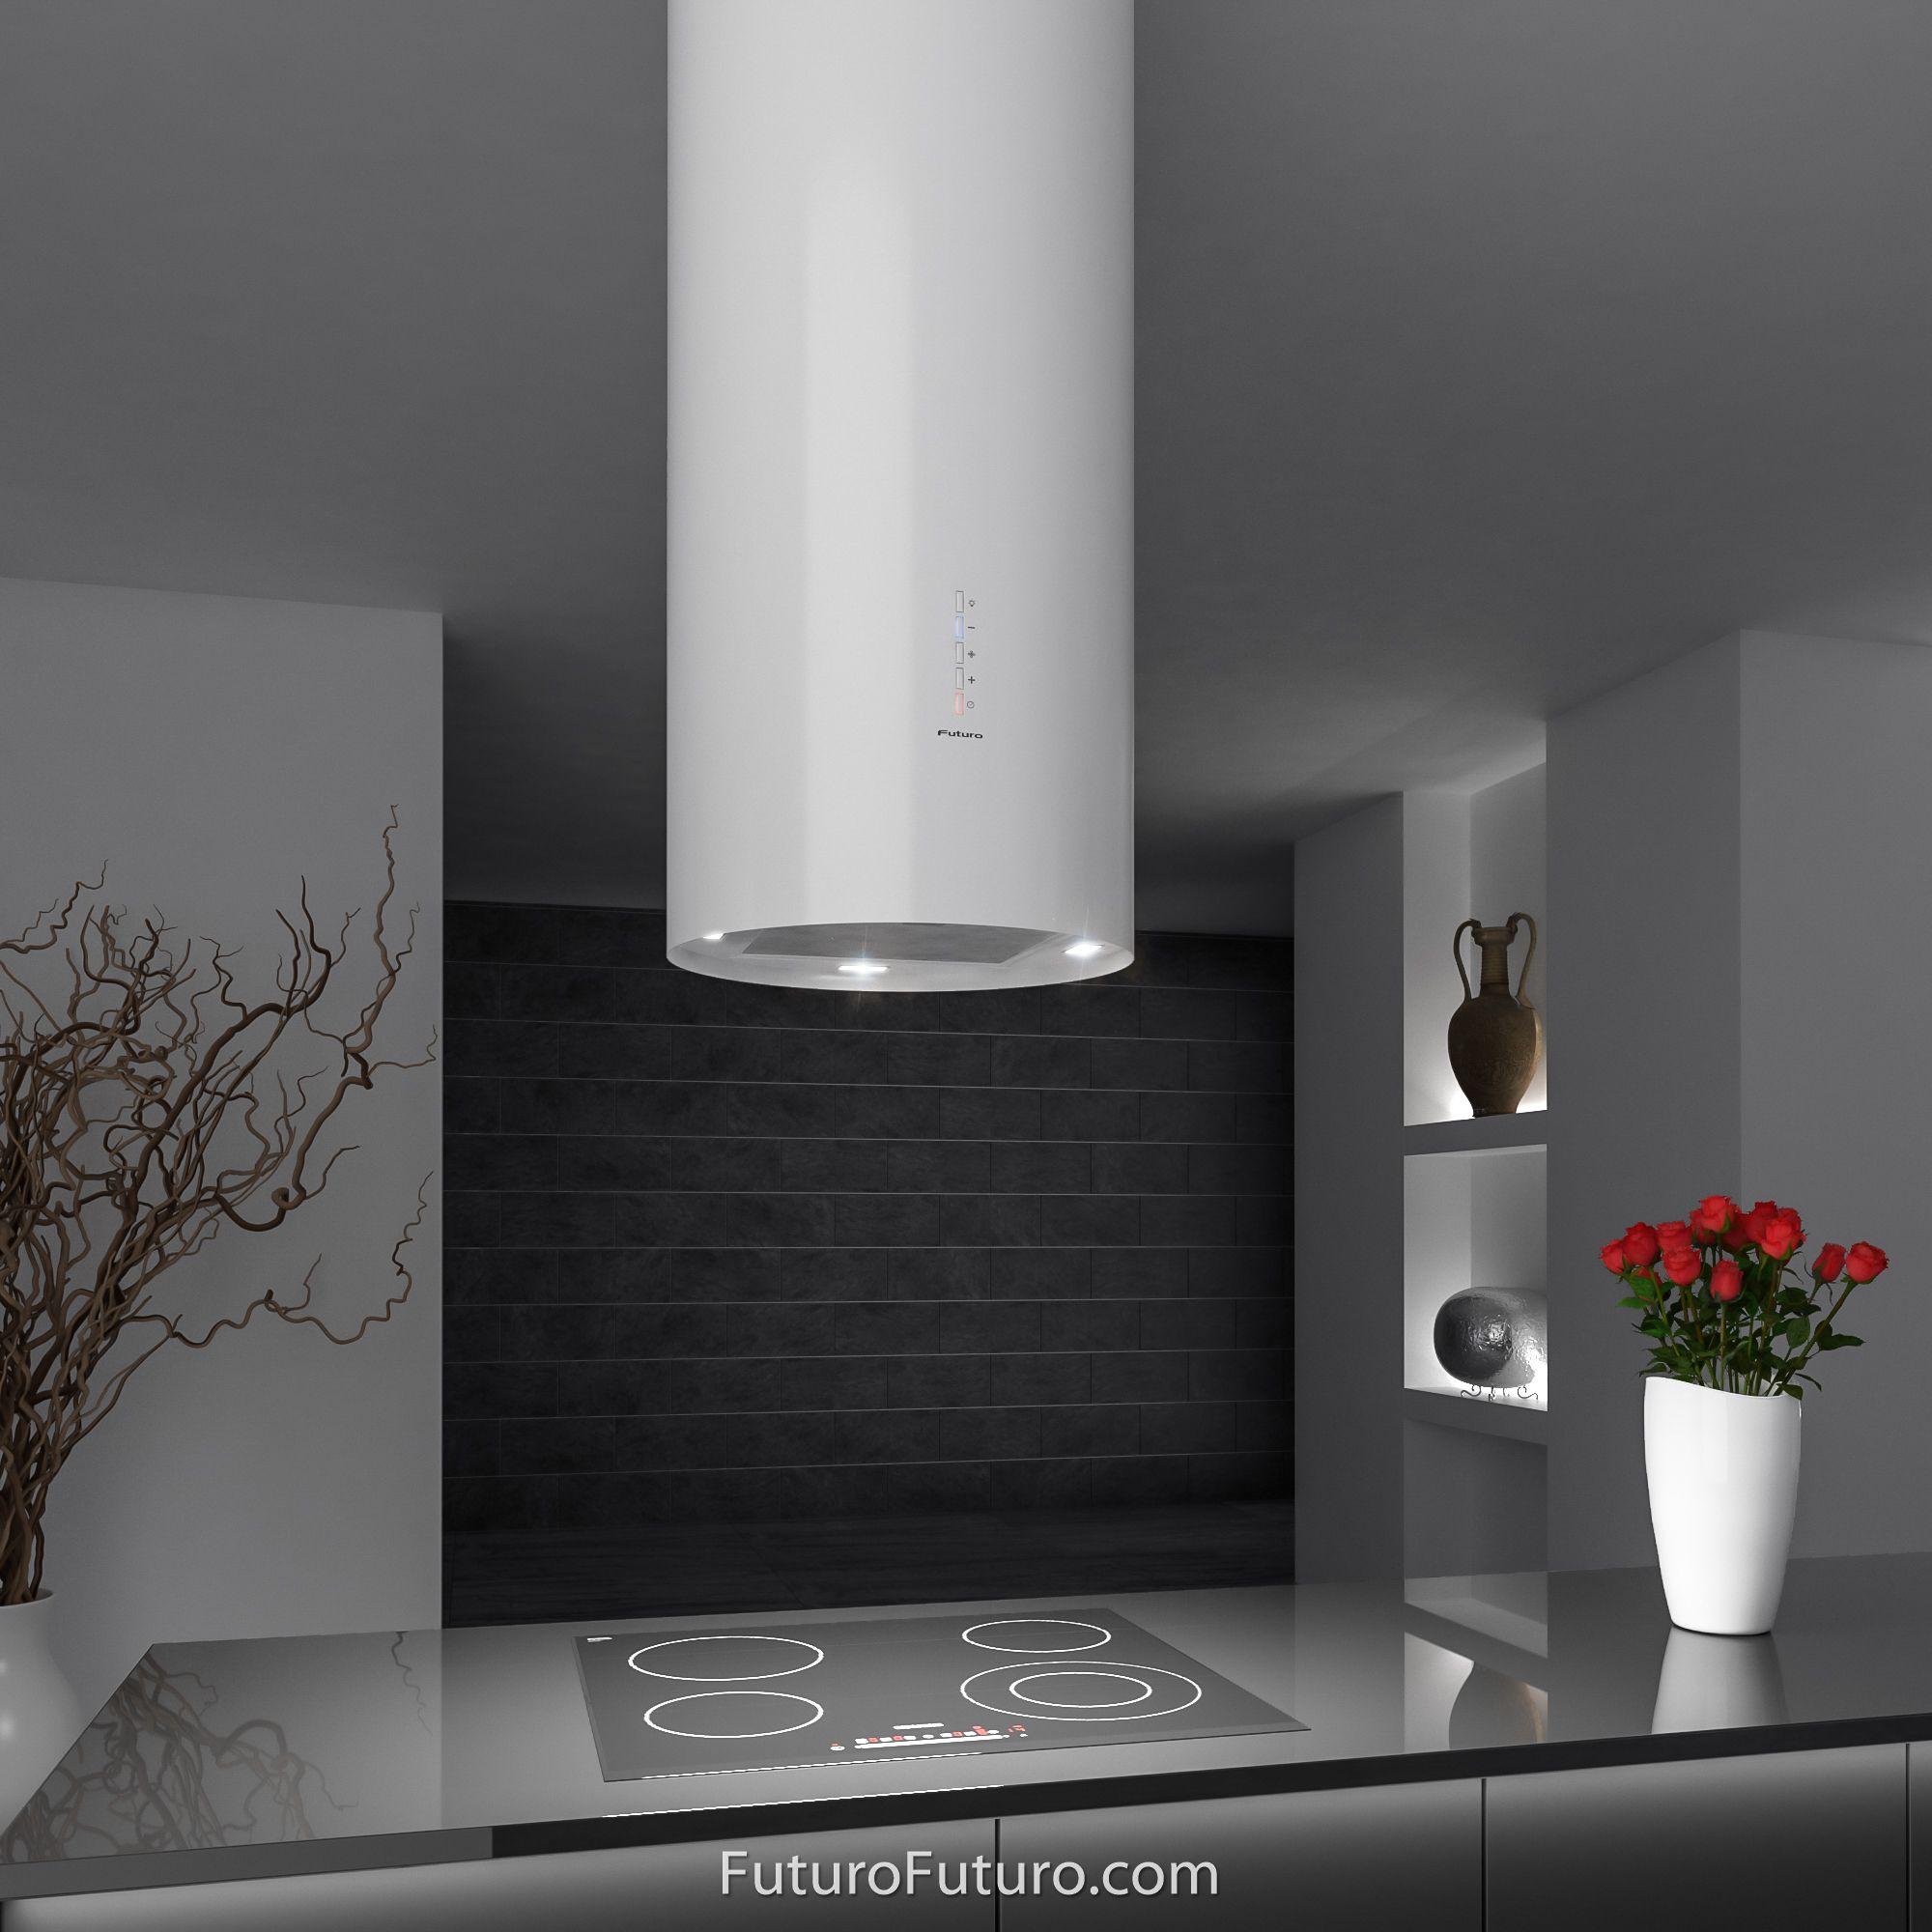 designer italian kitchen range hood jupiter white island model rh pinterest com